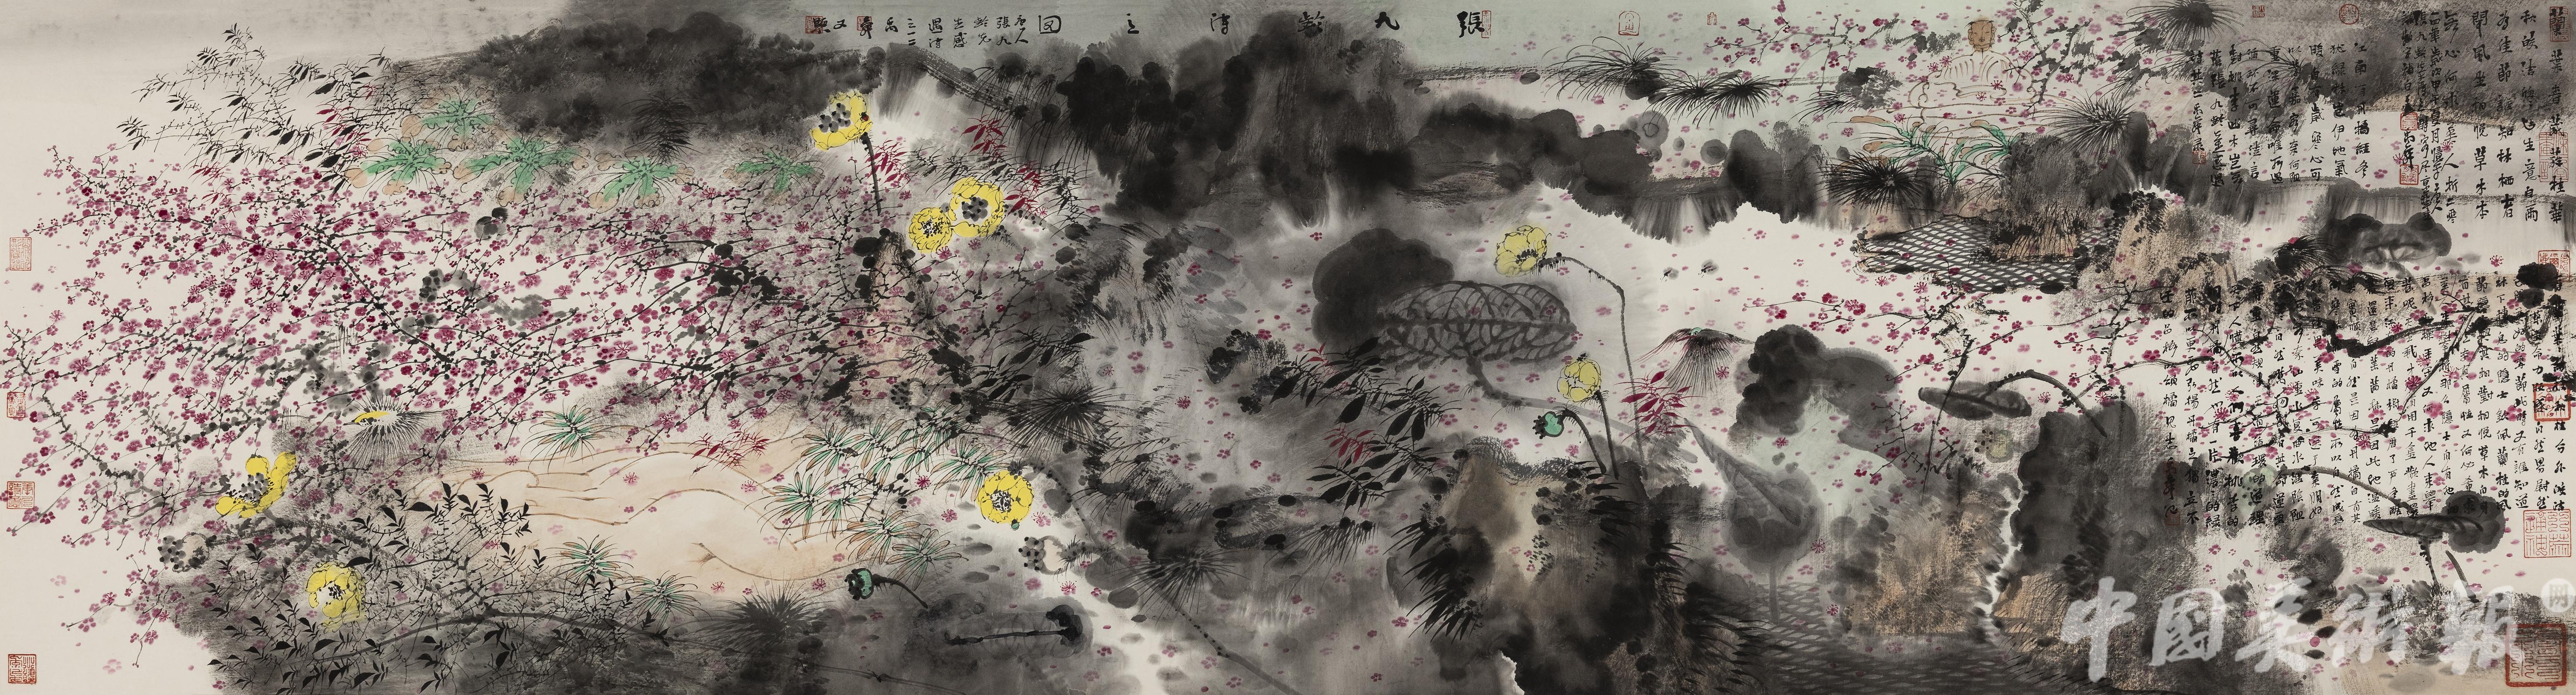 meishubao/2019123019184380200.jpg